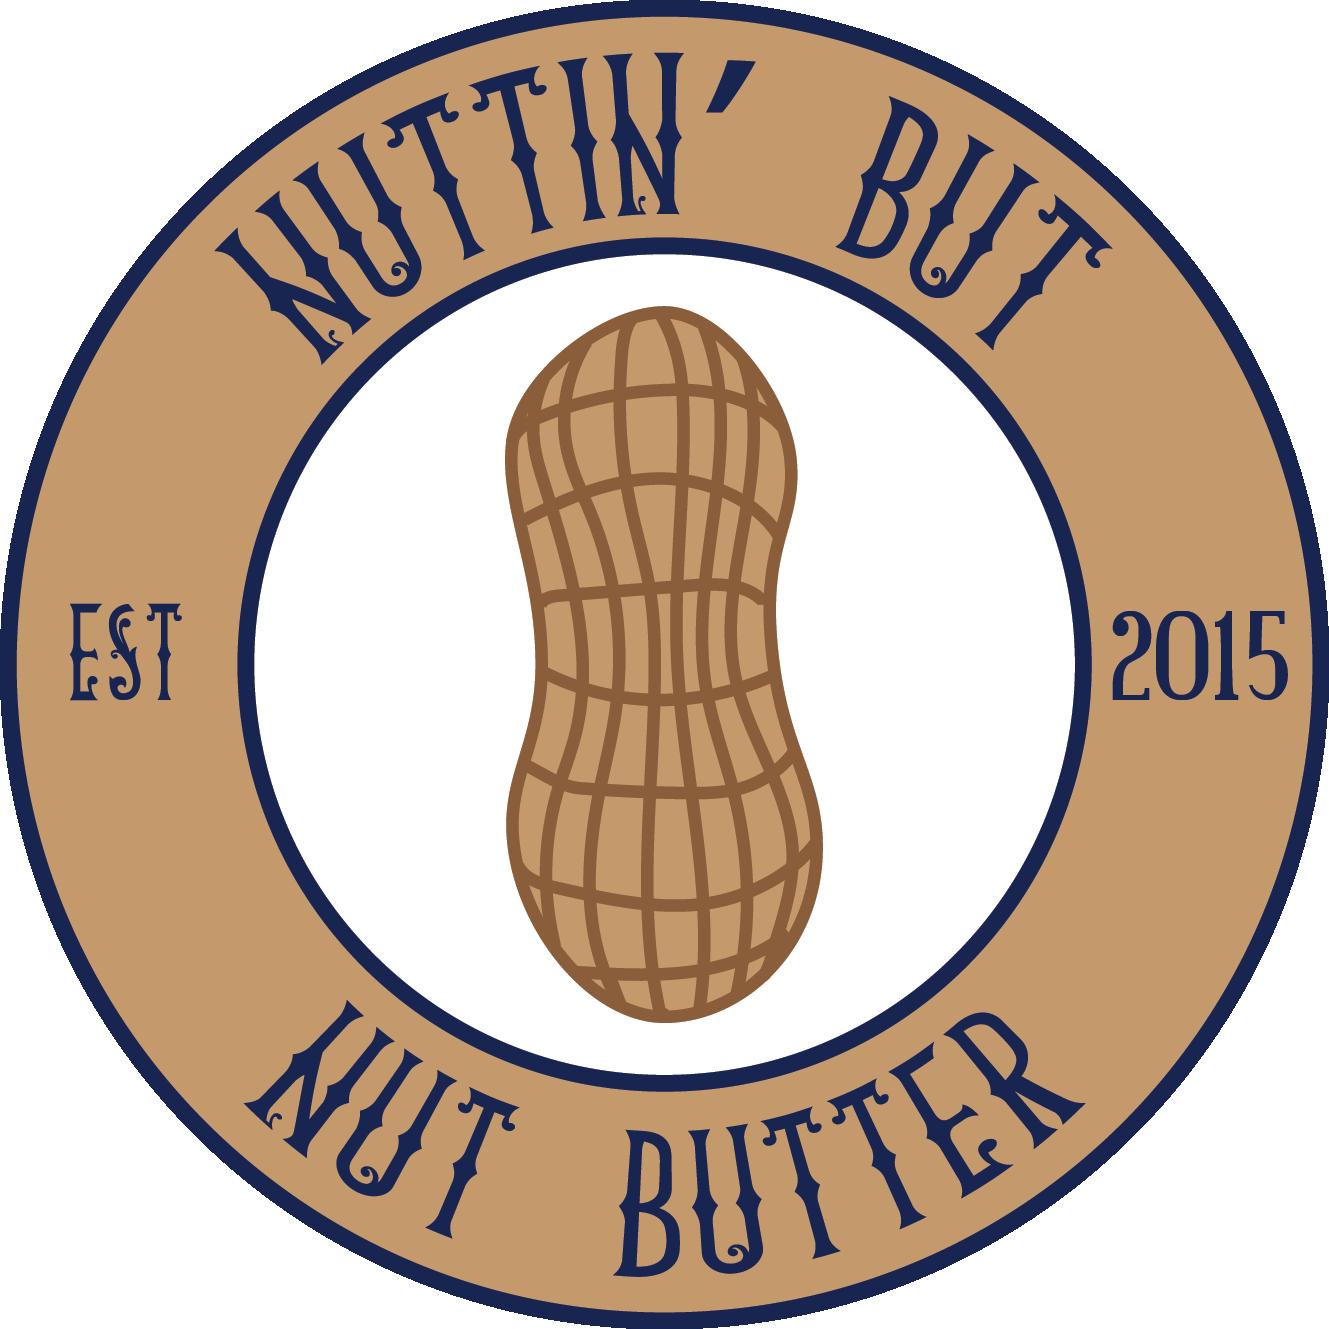 Nut clipart peanut butter. Nuttin but butters kandelight